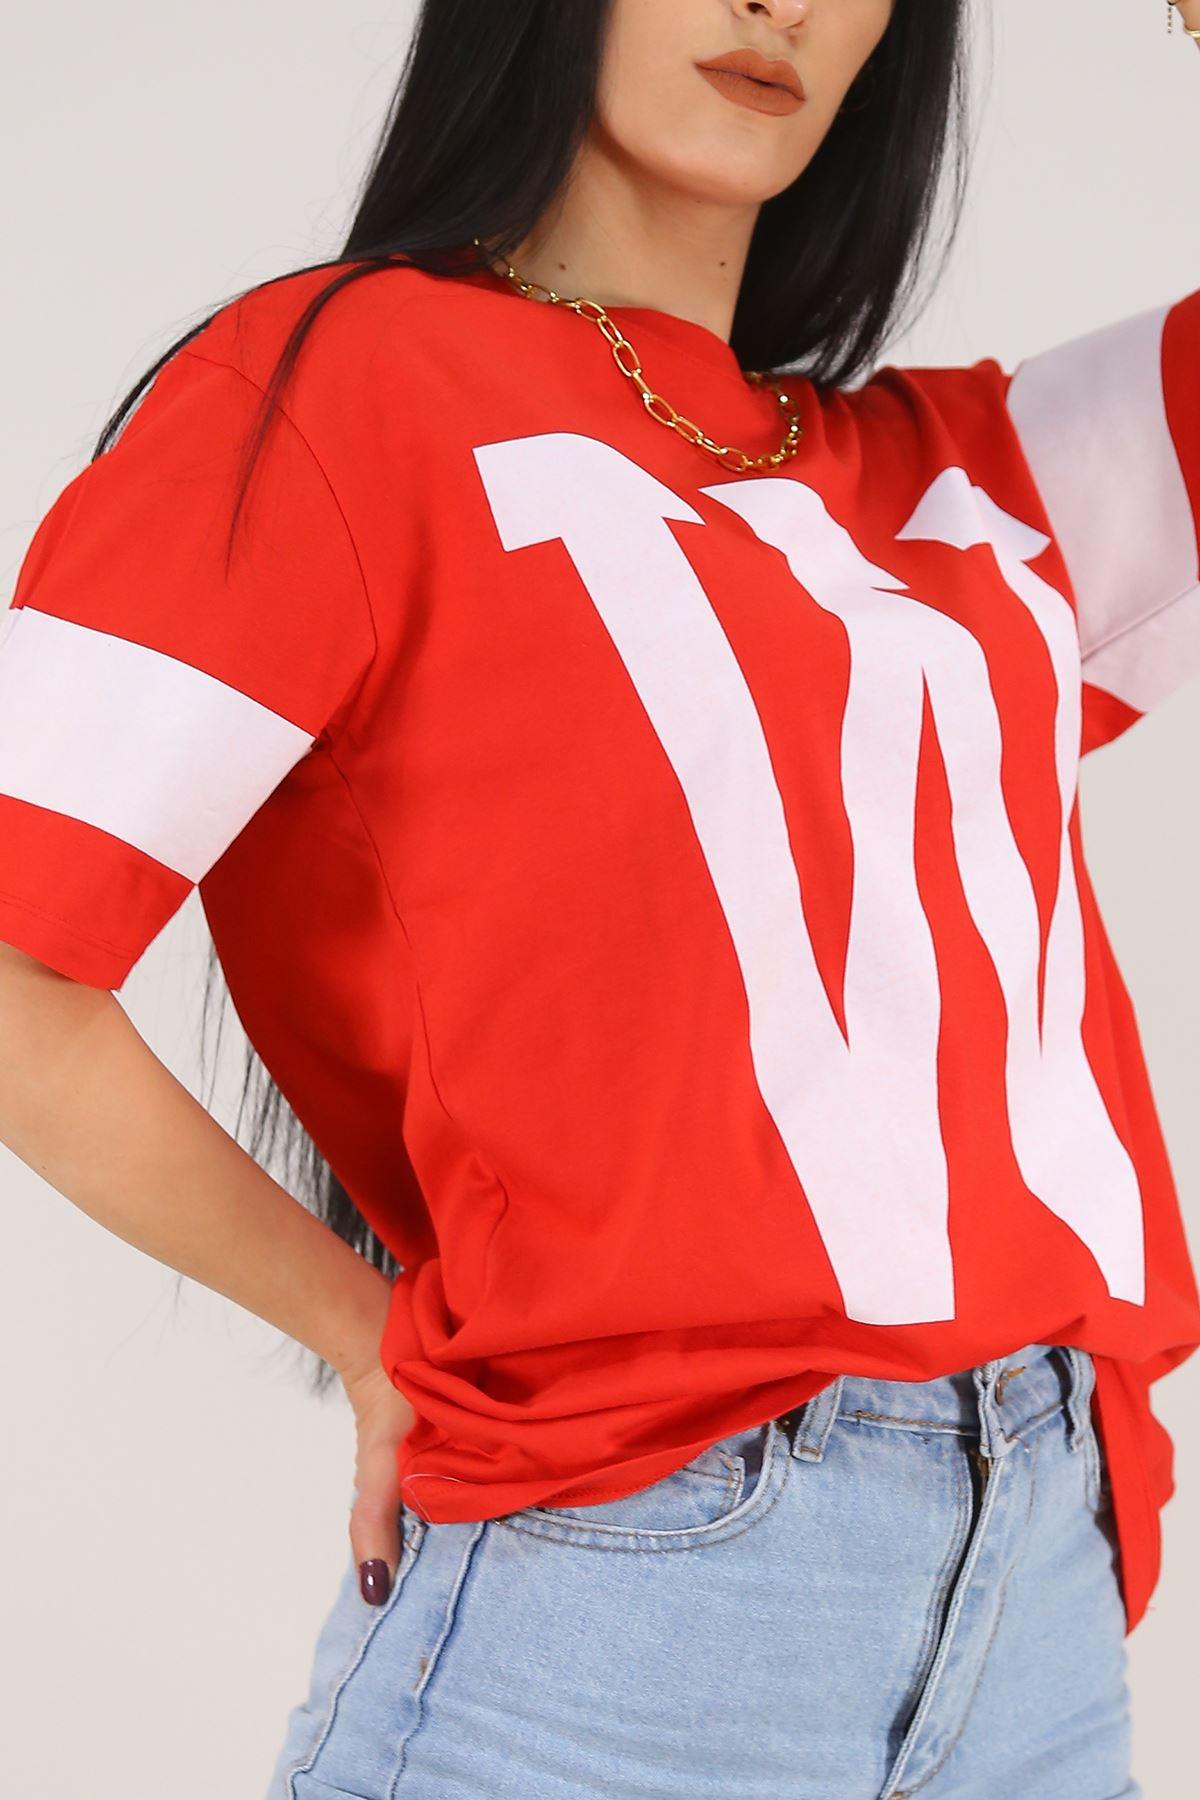 W Baskılı Tişört Kırmızı - 5606.1247.